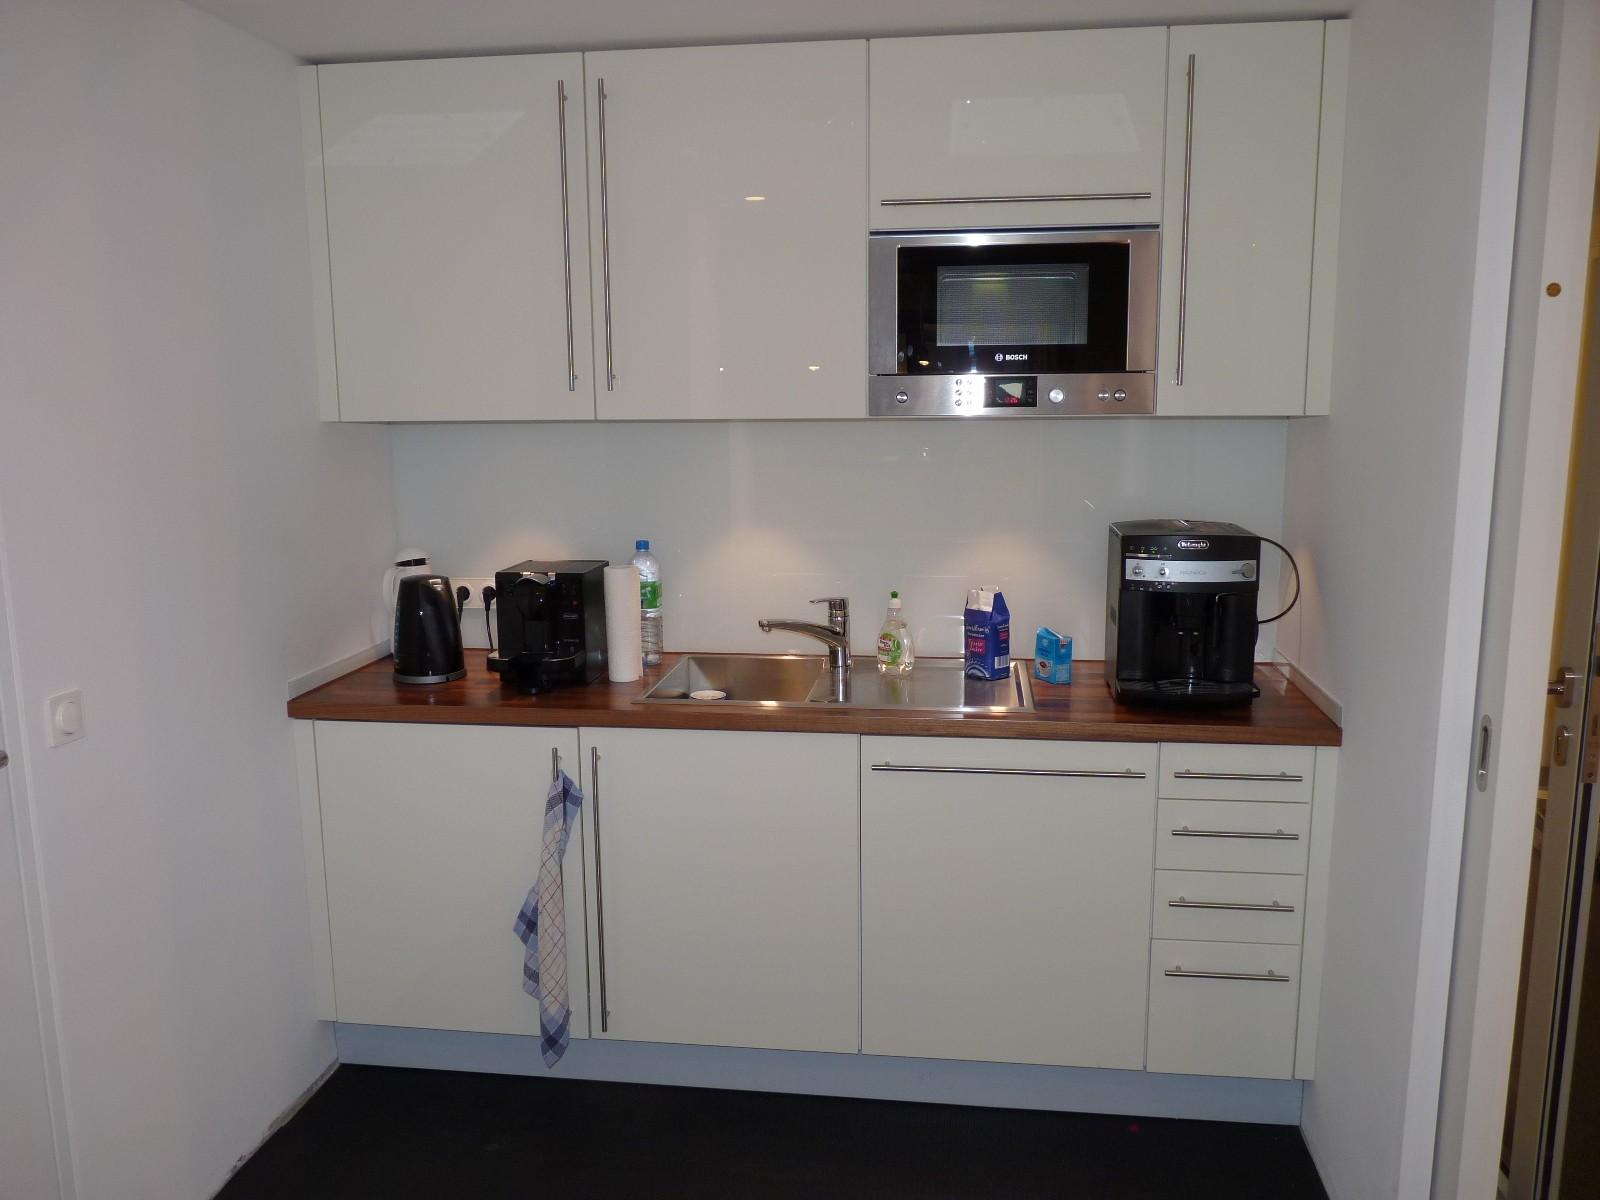 Büro küche design  Pantry & Teeküche